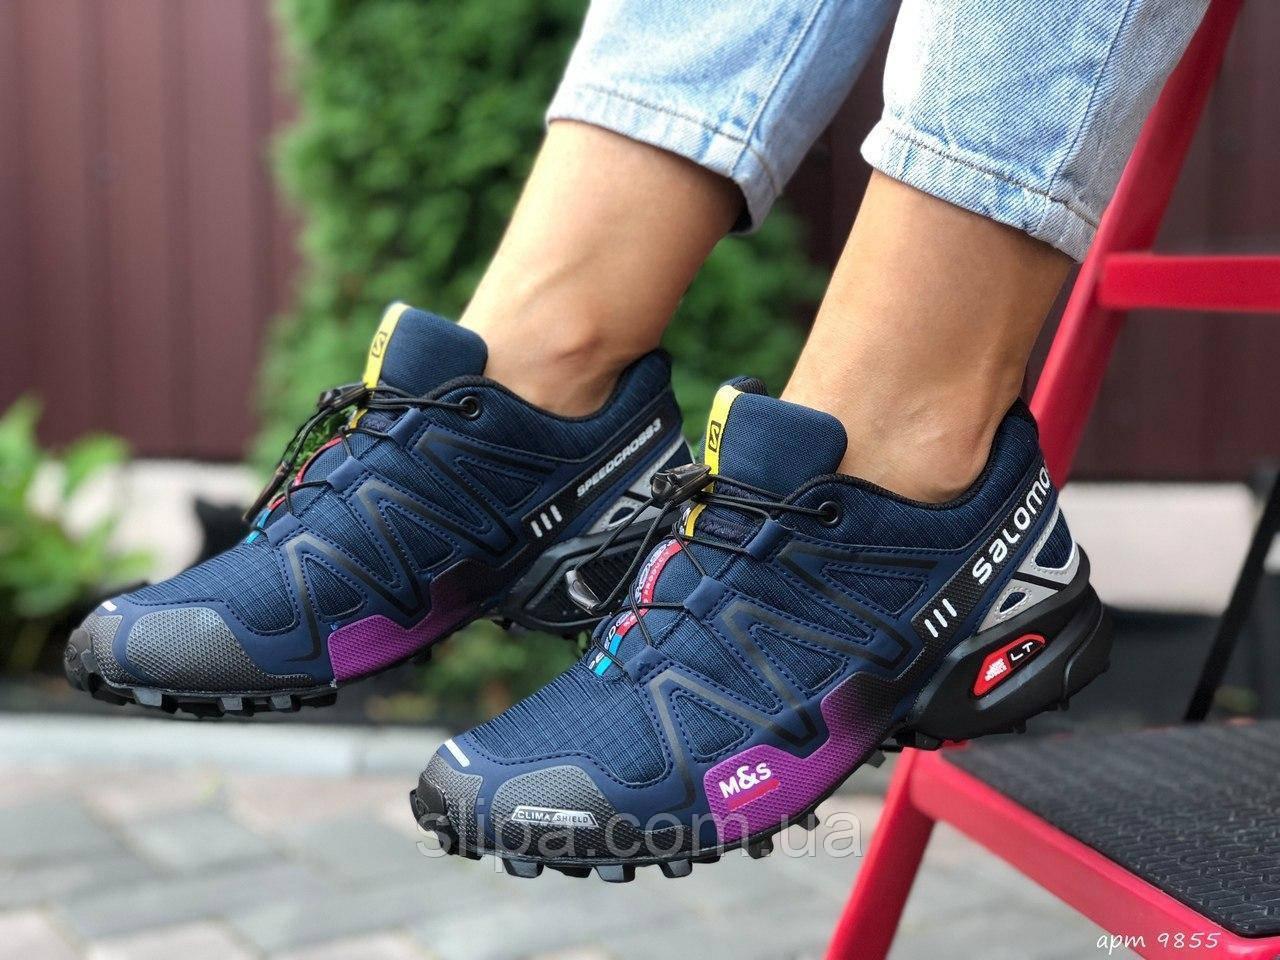 Женские кроссовки Salomon Speedcross 3 тёмно синие с фиолетовым